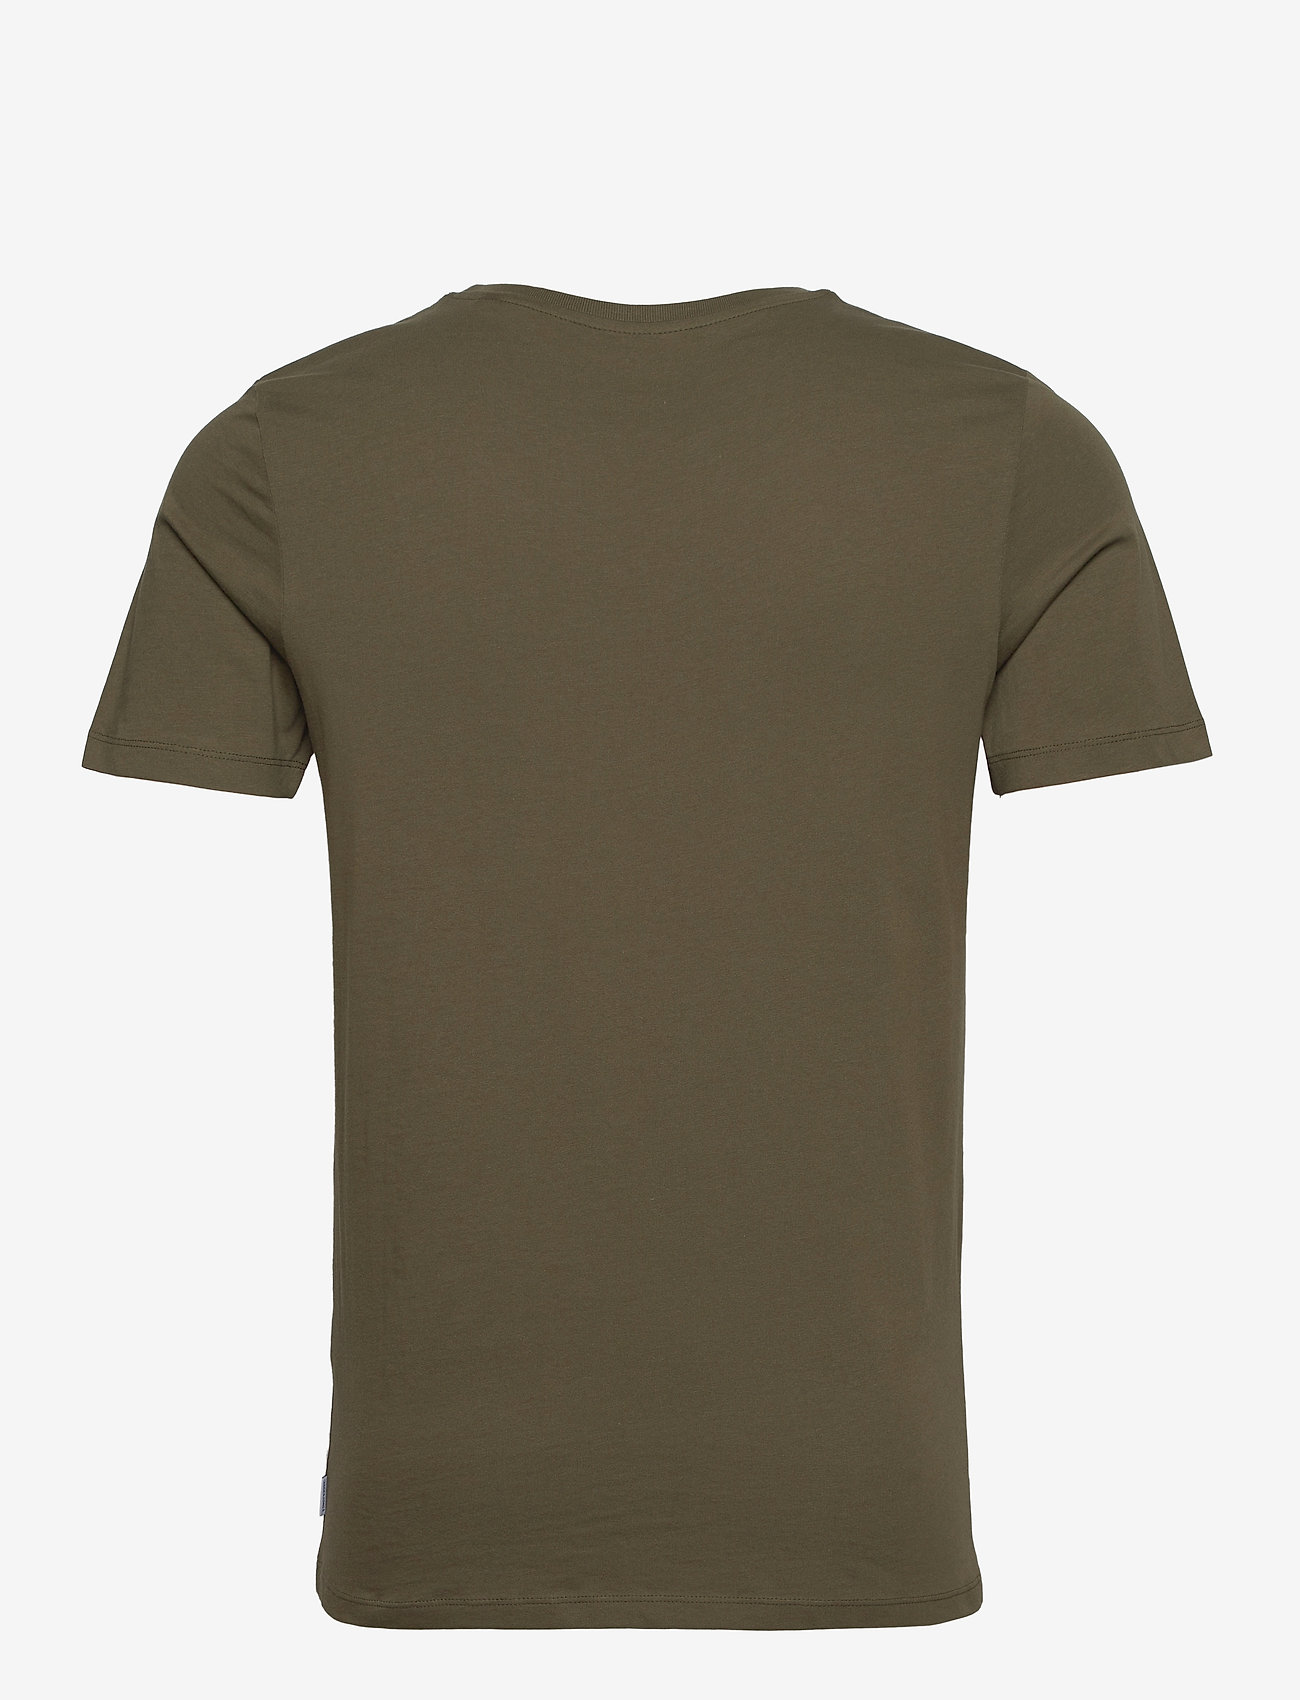 Jack & Jones - JJEORGANIC BASIC TEE SS O-NECK - basic t-shirts - olive night - 1